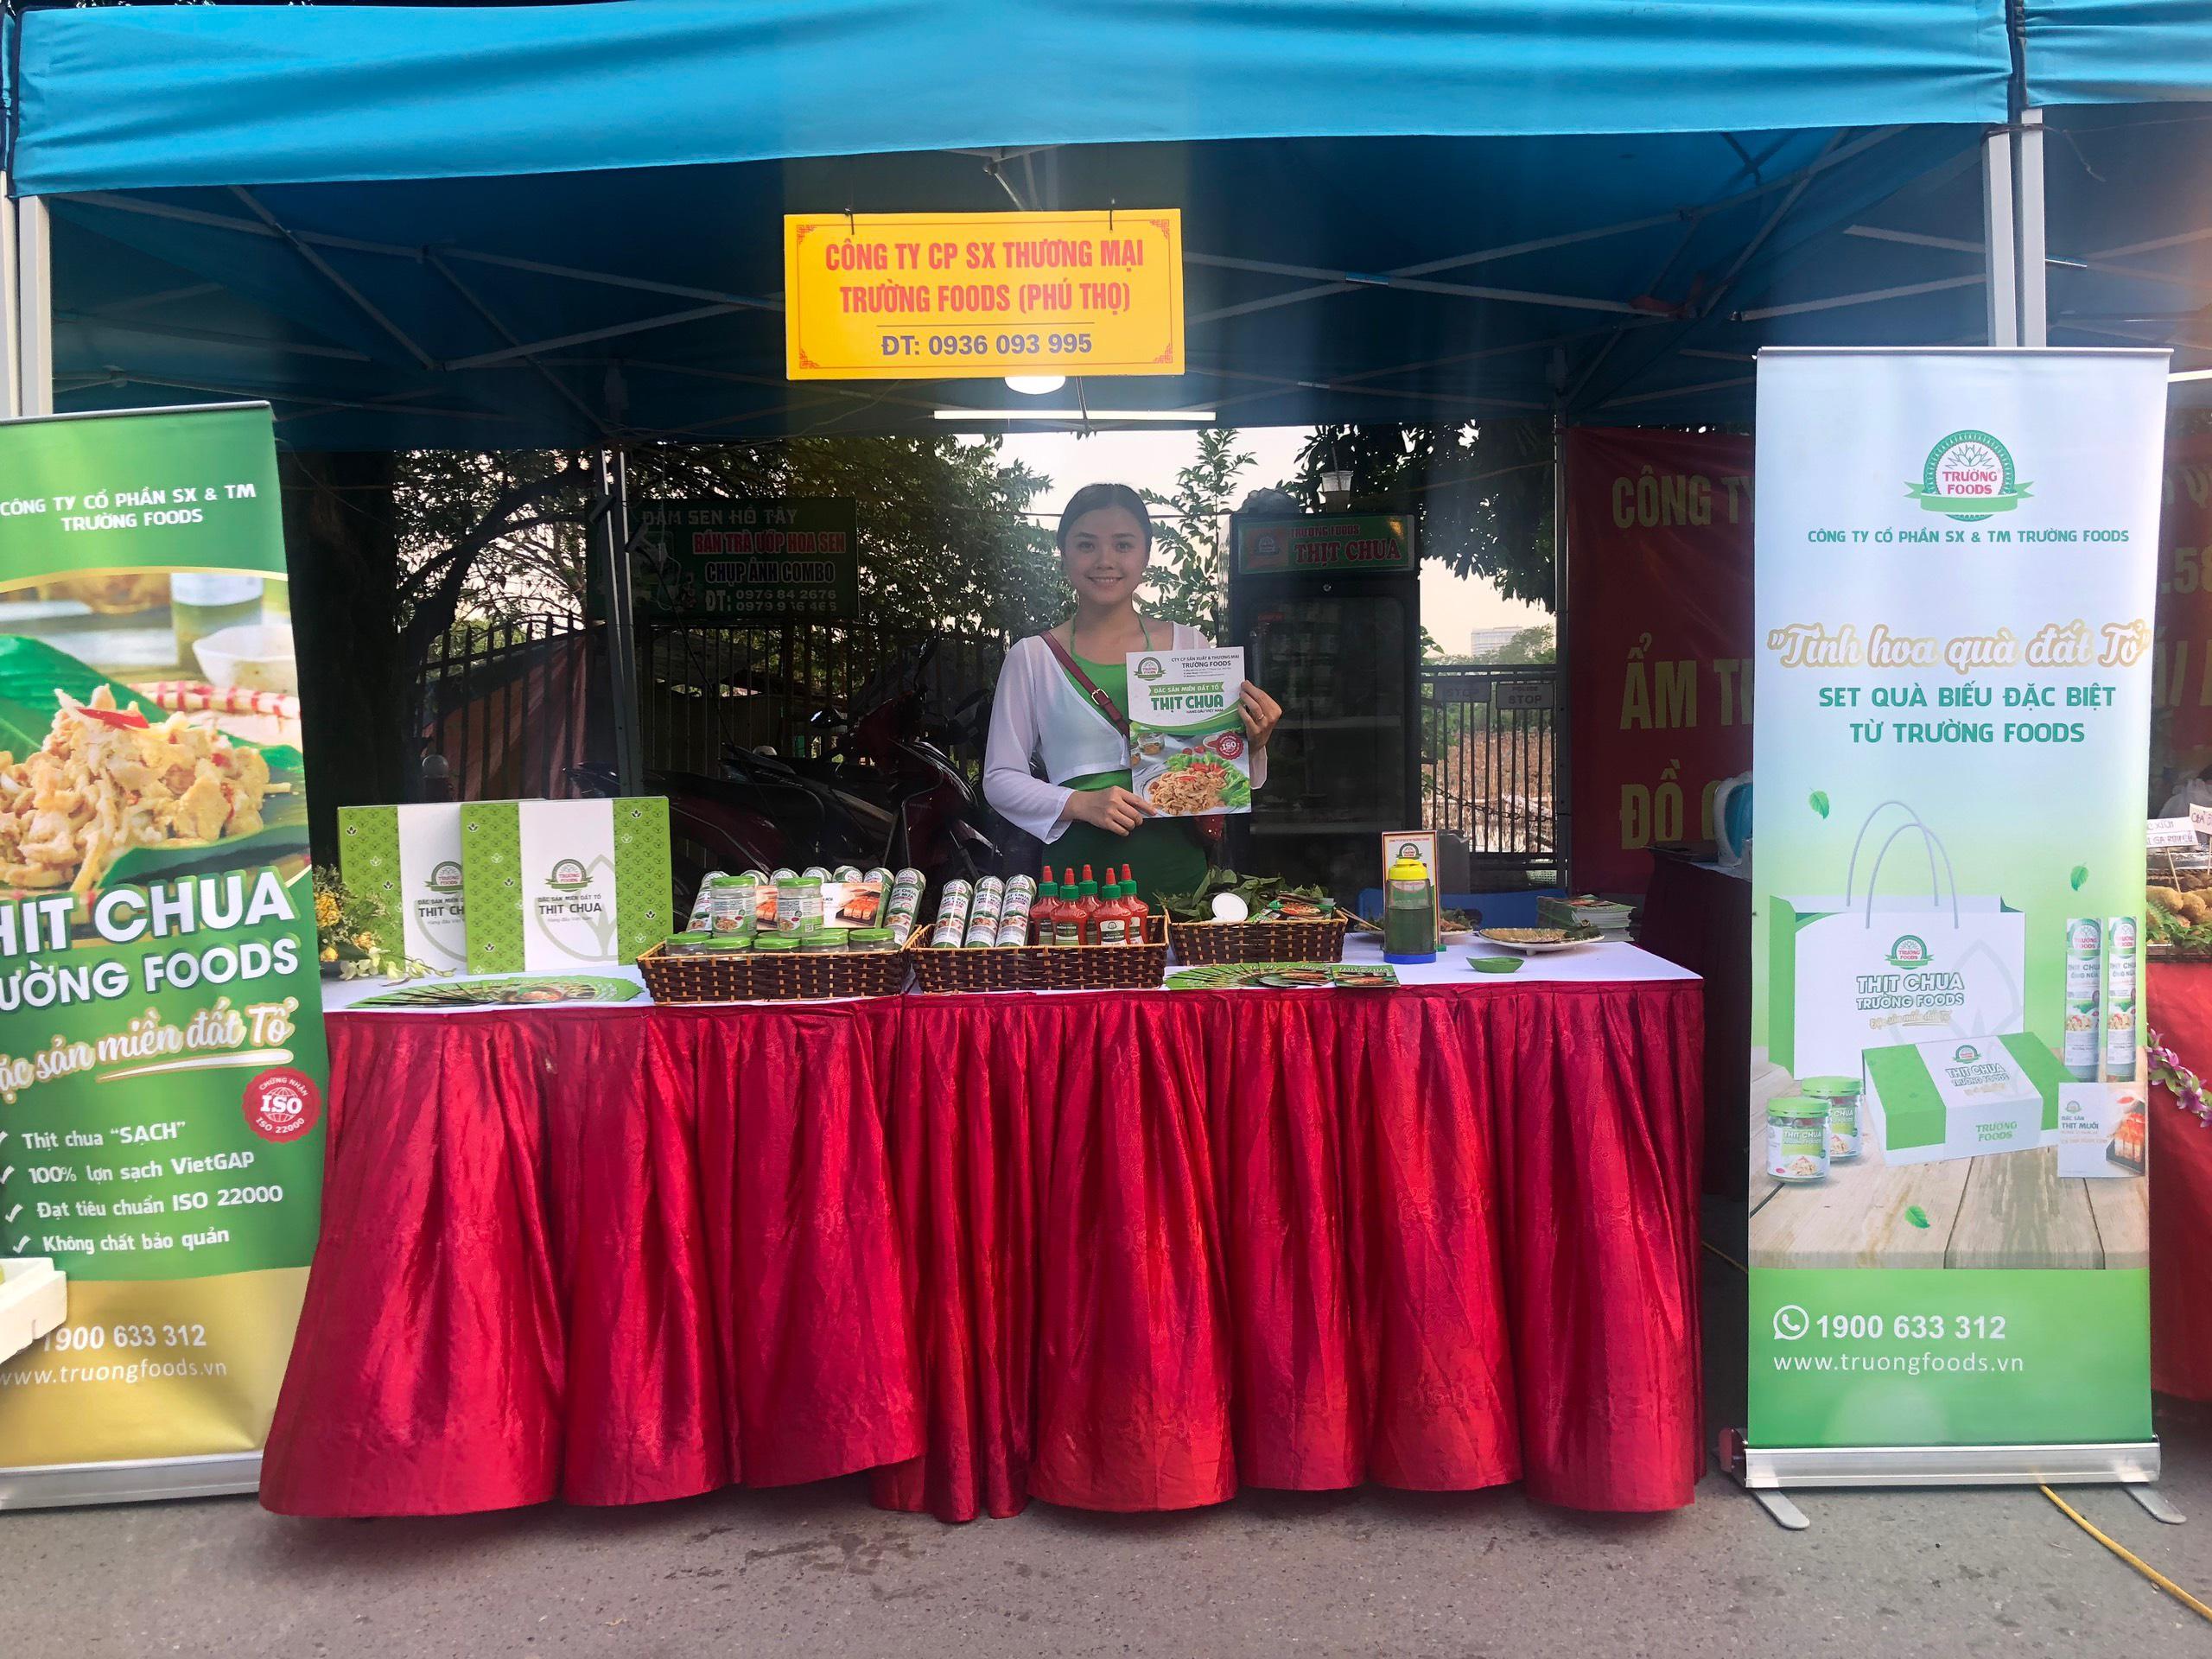 Gian hàng TRƯỜNG FOODS đã có mặt tại Phiên chợ xúc tiến thương mại sản phẩm OCOP